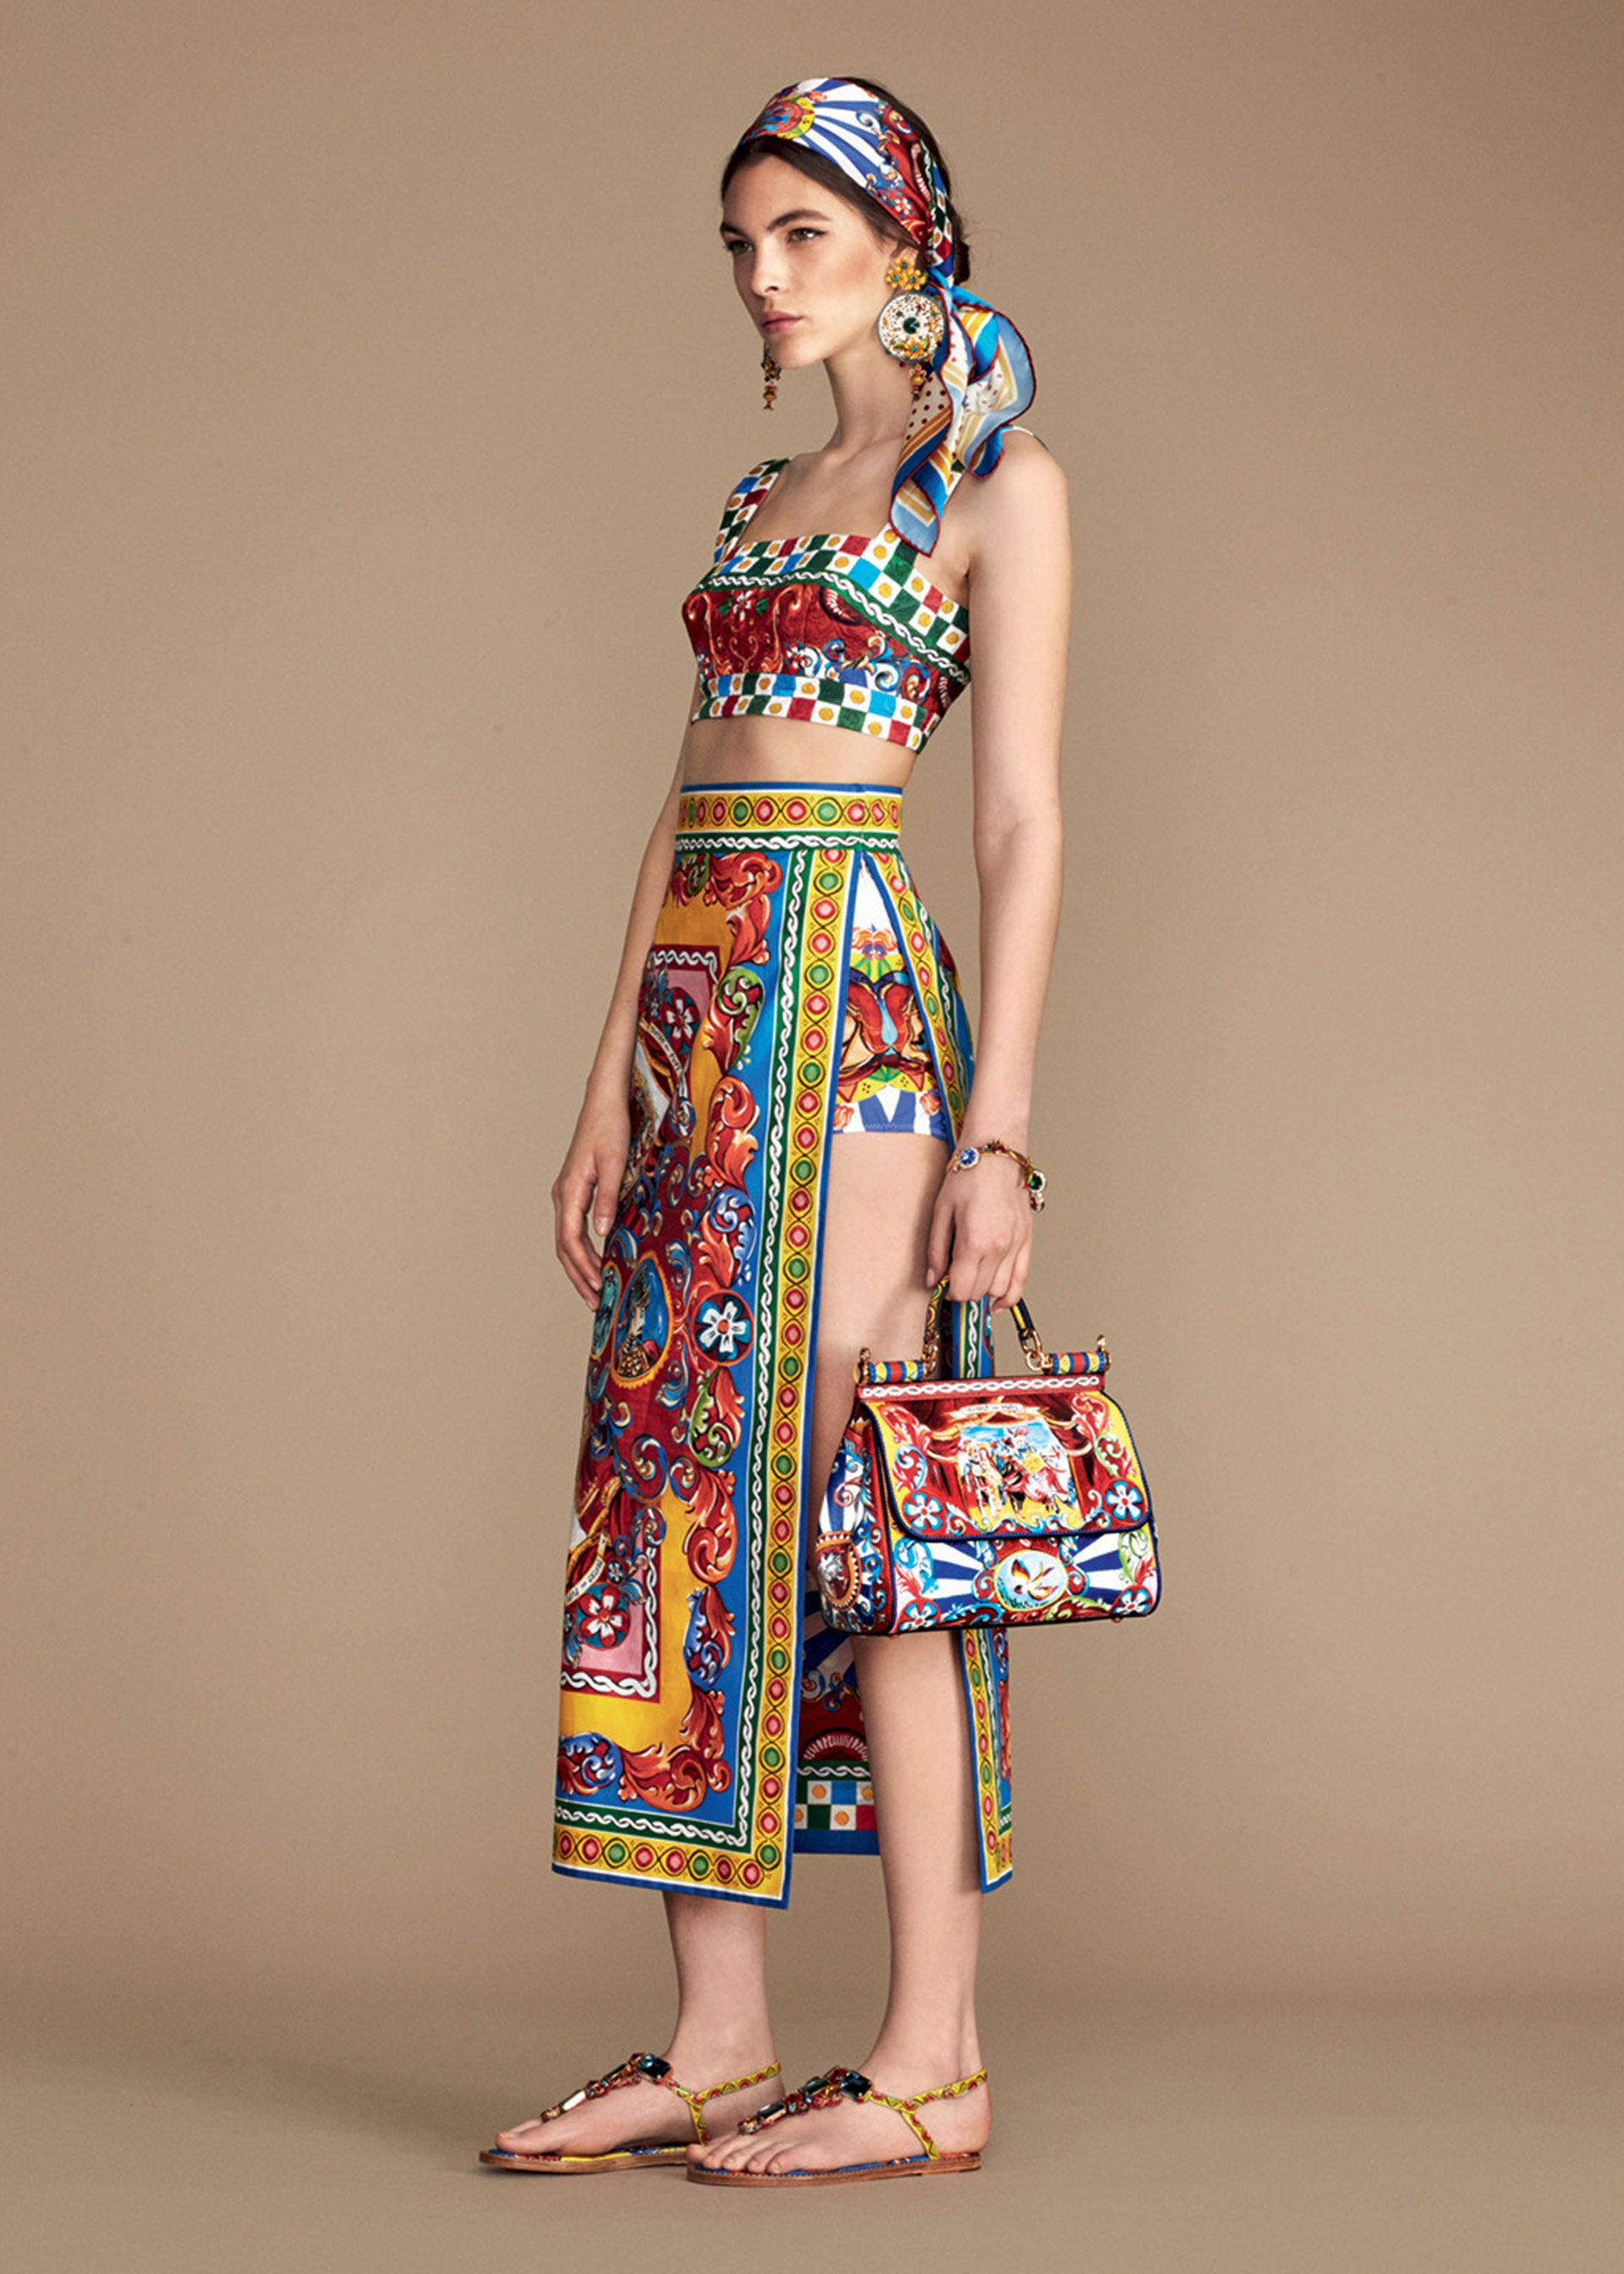 Dolce & Gabbana's Summer 2016 Women collection - malisorientalbazzar